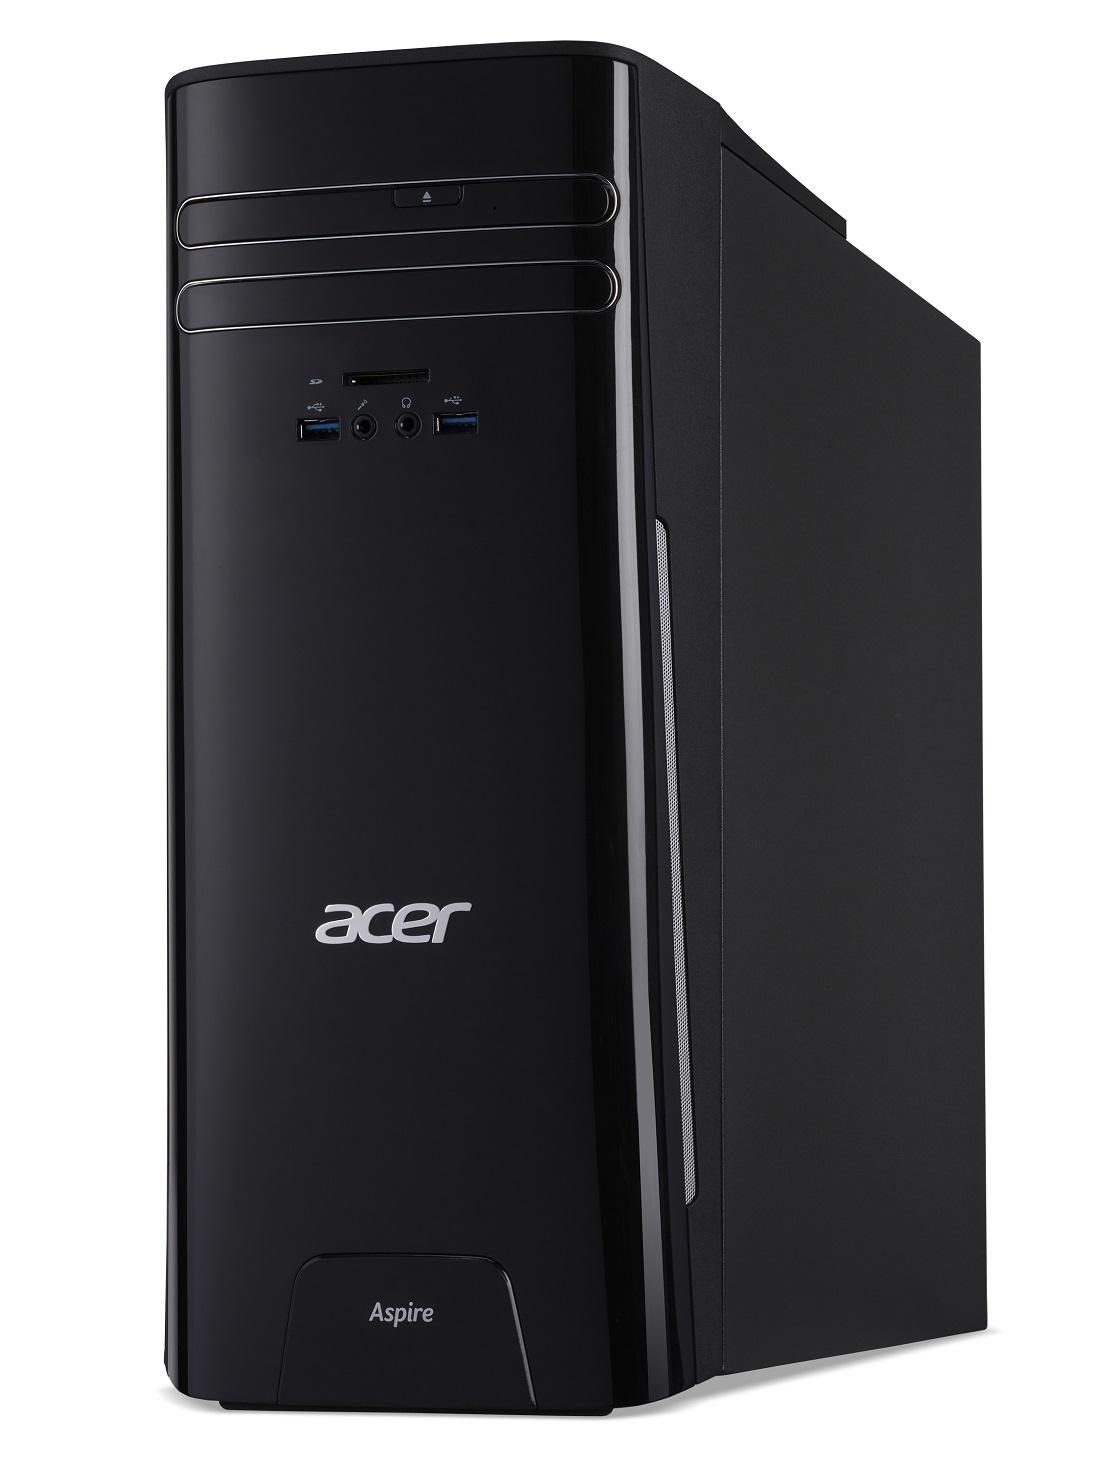 Acer Aspire TC-780 i7 Dos